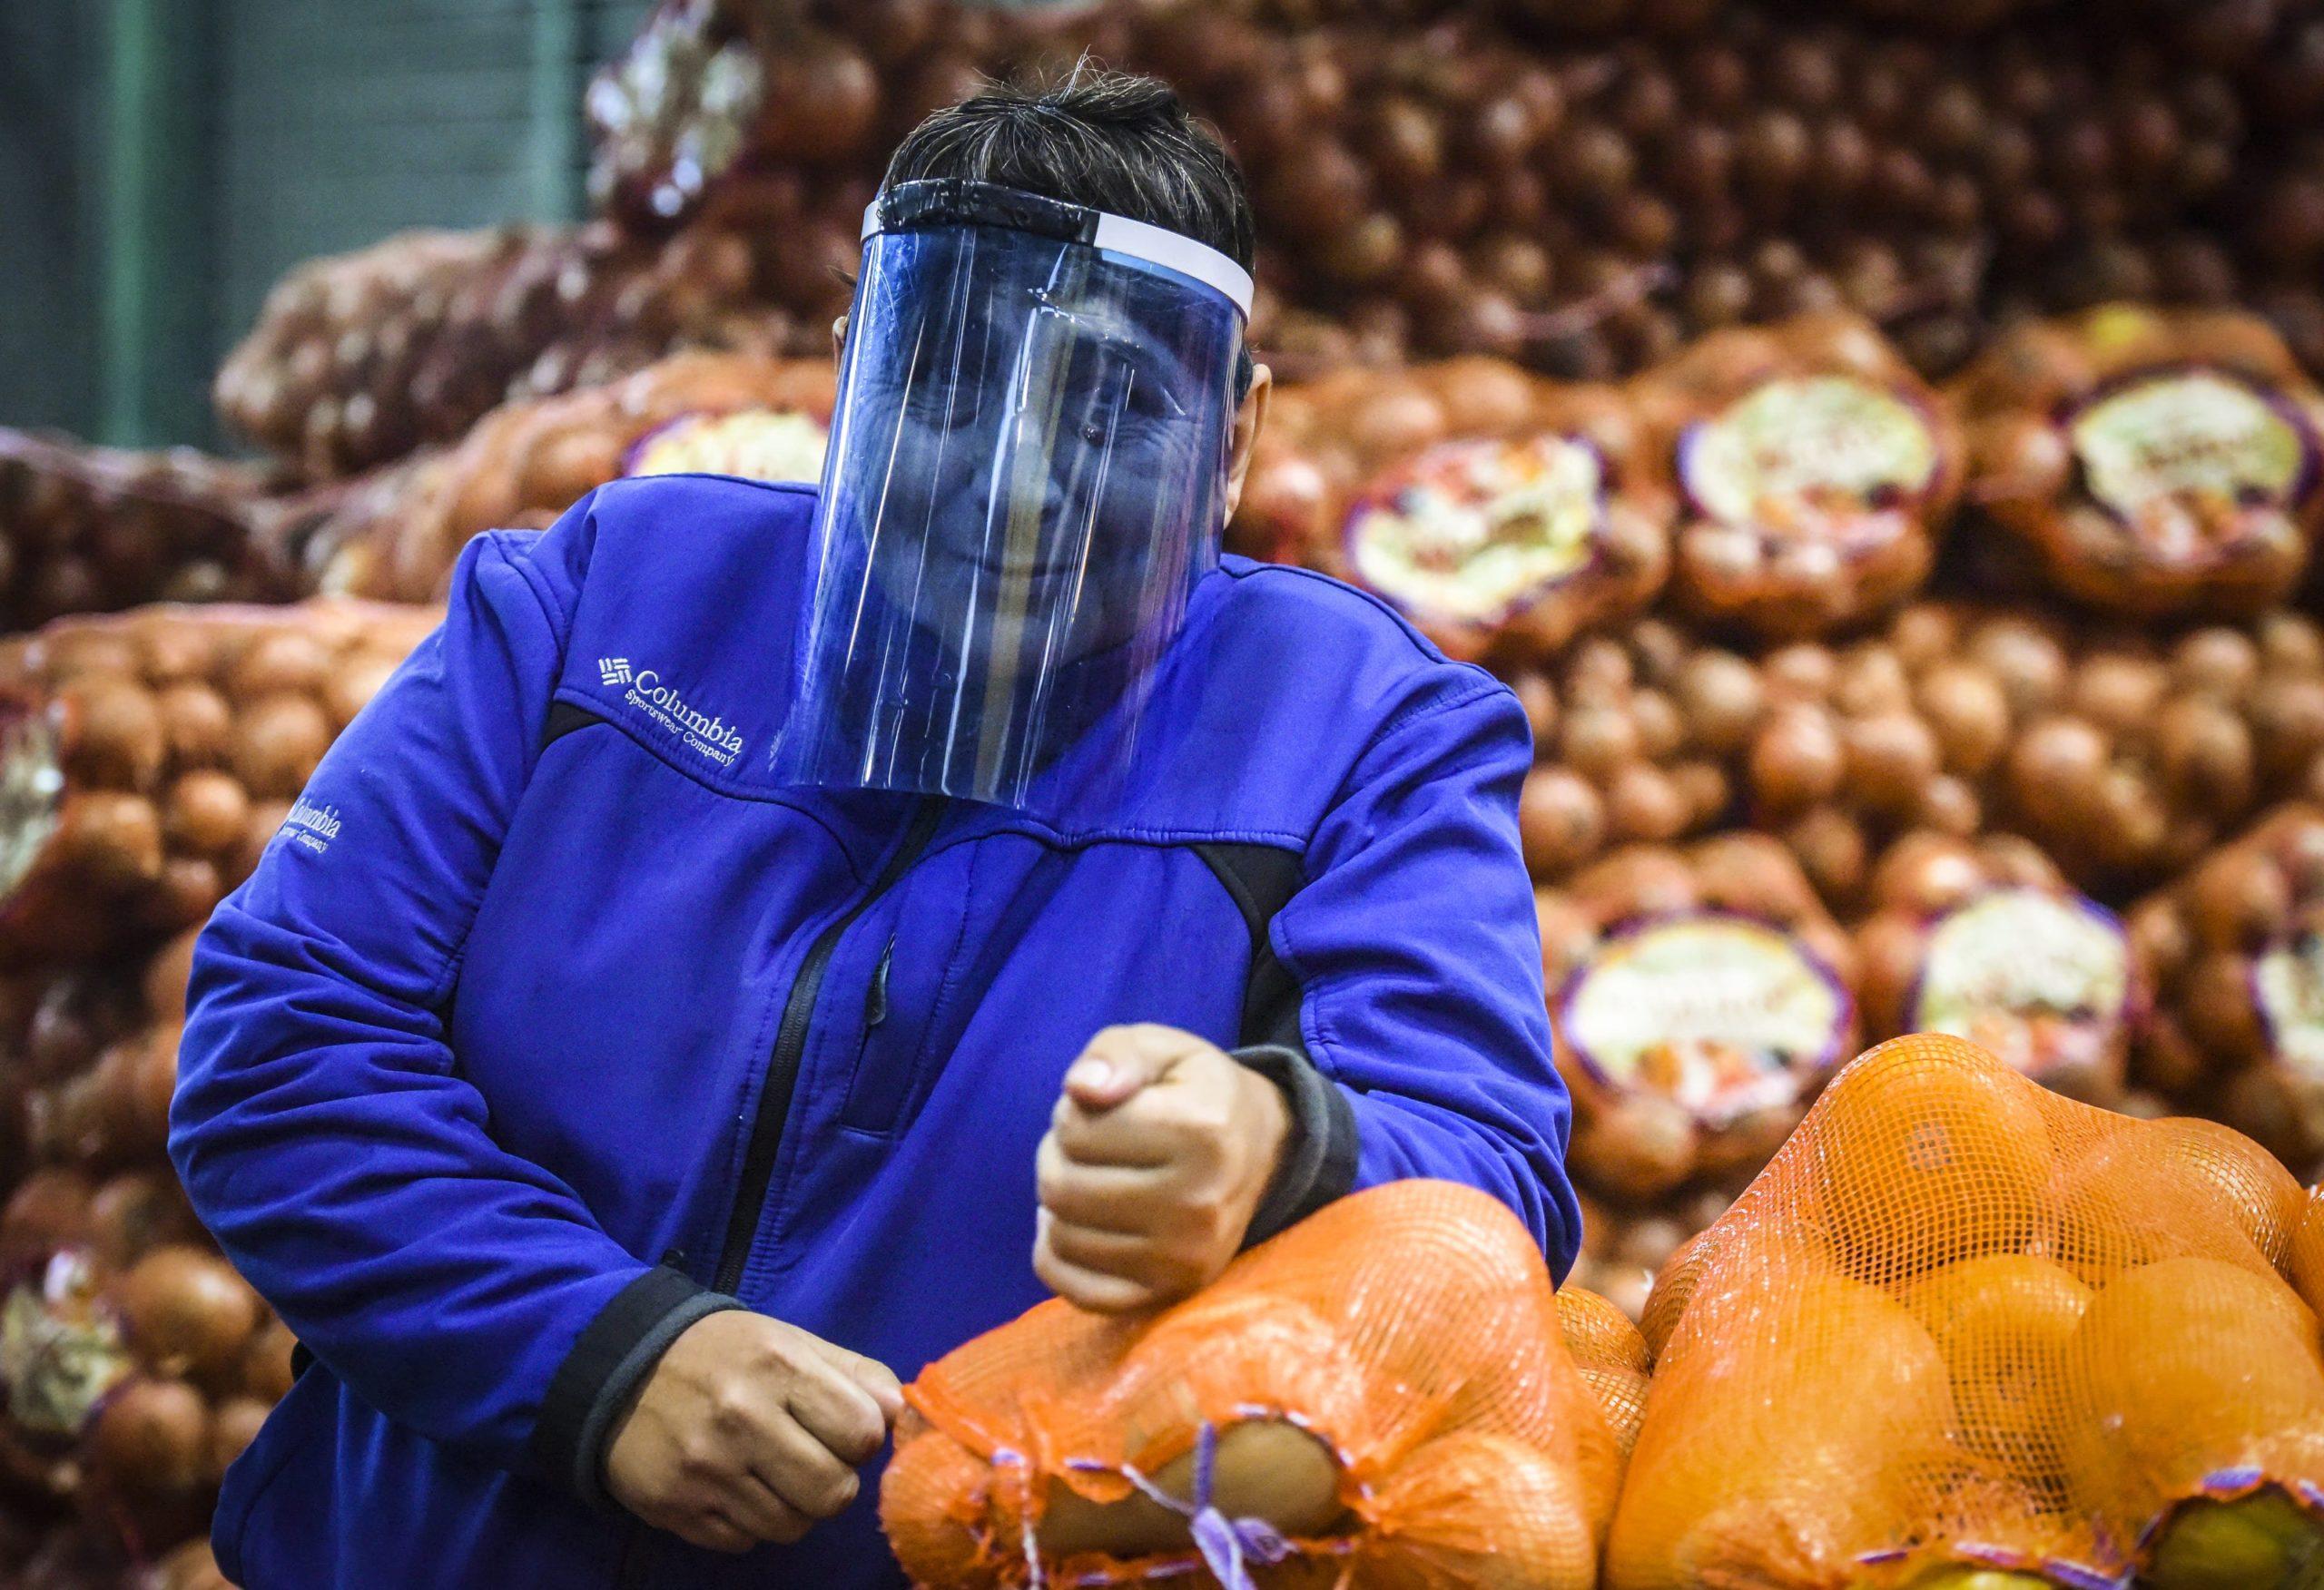 Proyectos solidarios para luchar contra la pandemia en Argentina